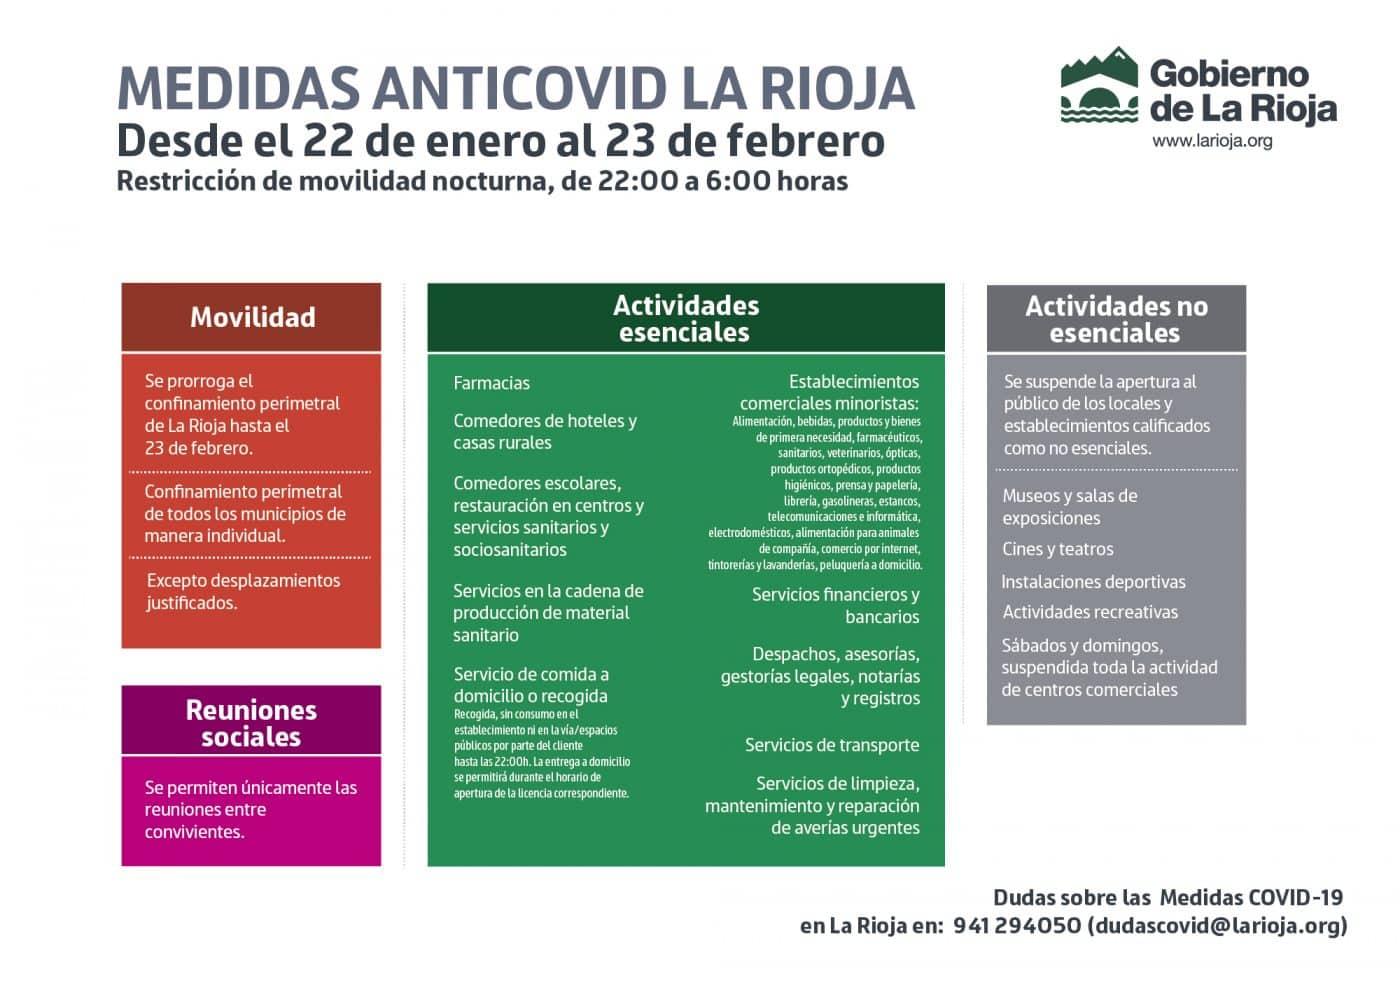 El Gobierno riojano publica los establecimientos, servicios y actividades esenciales y no ensenciales 2